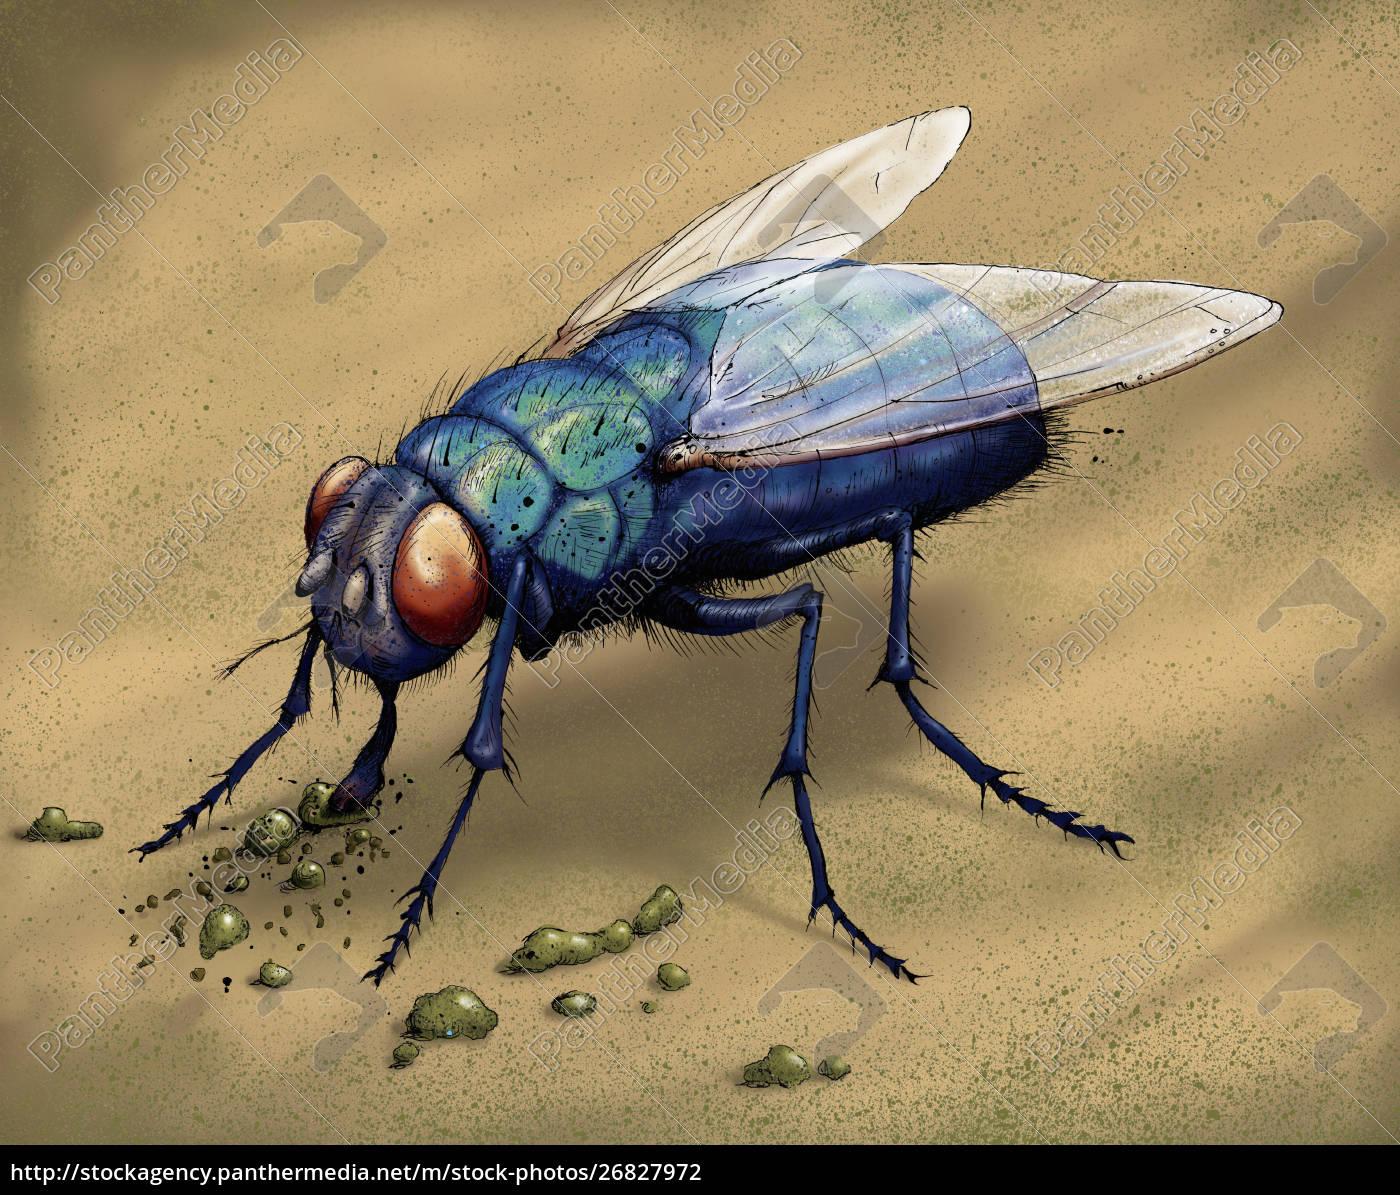 illustration, of, bluebottle, fly, eating - 26827972